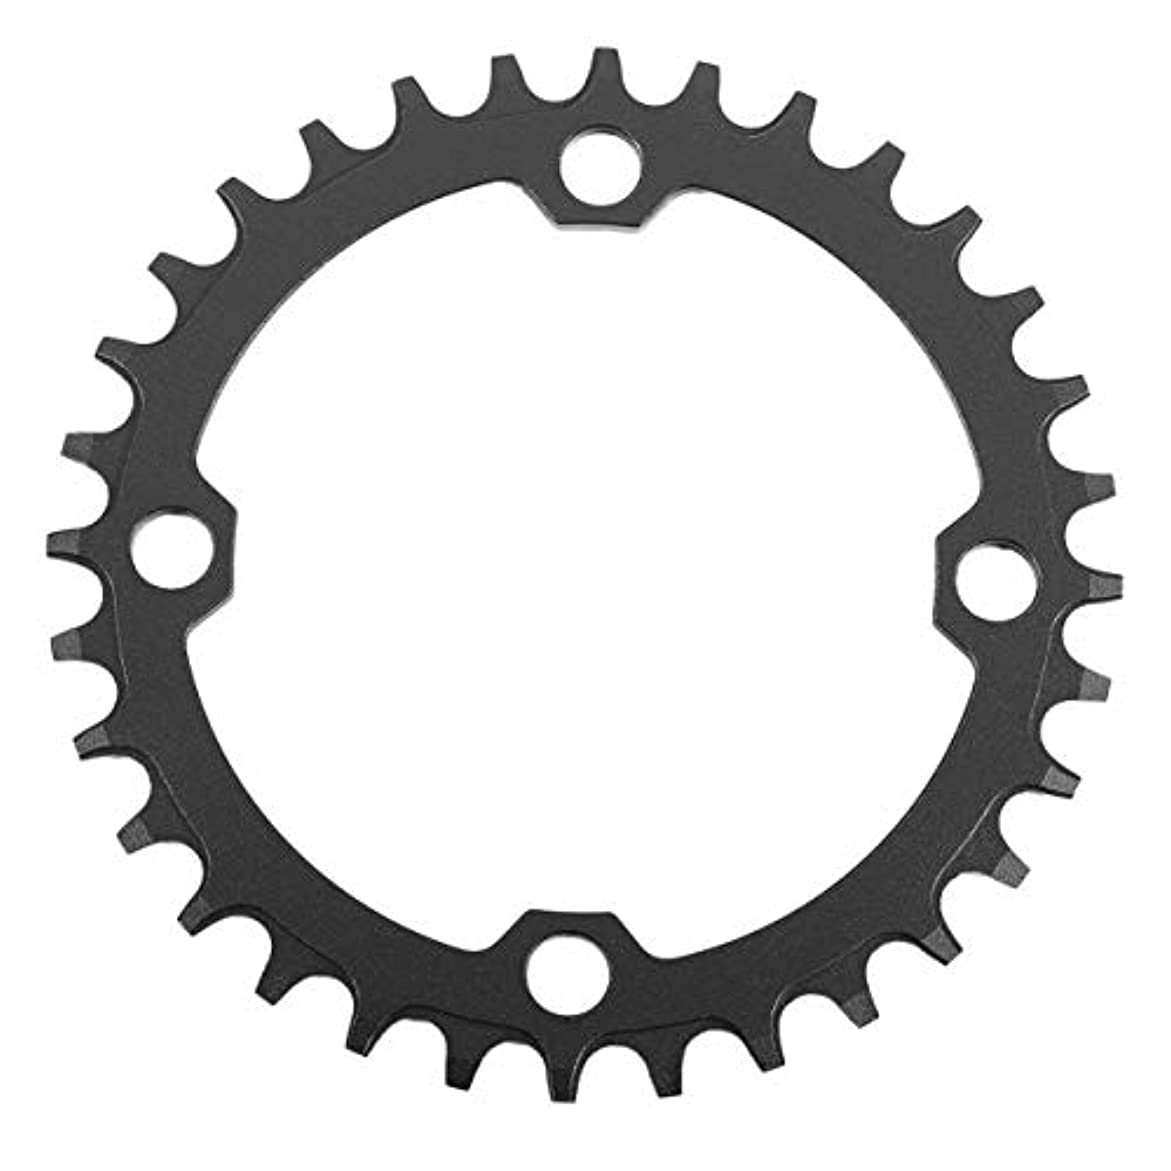 チョップ裁定性別DECKAS Narrow Wide Bike MTB Crank Round Oval Chainring Chain Ring自転車Chainwheel Bike Circle Single Plate-ブラック